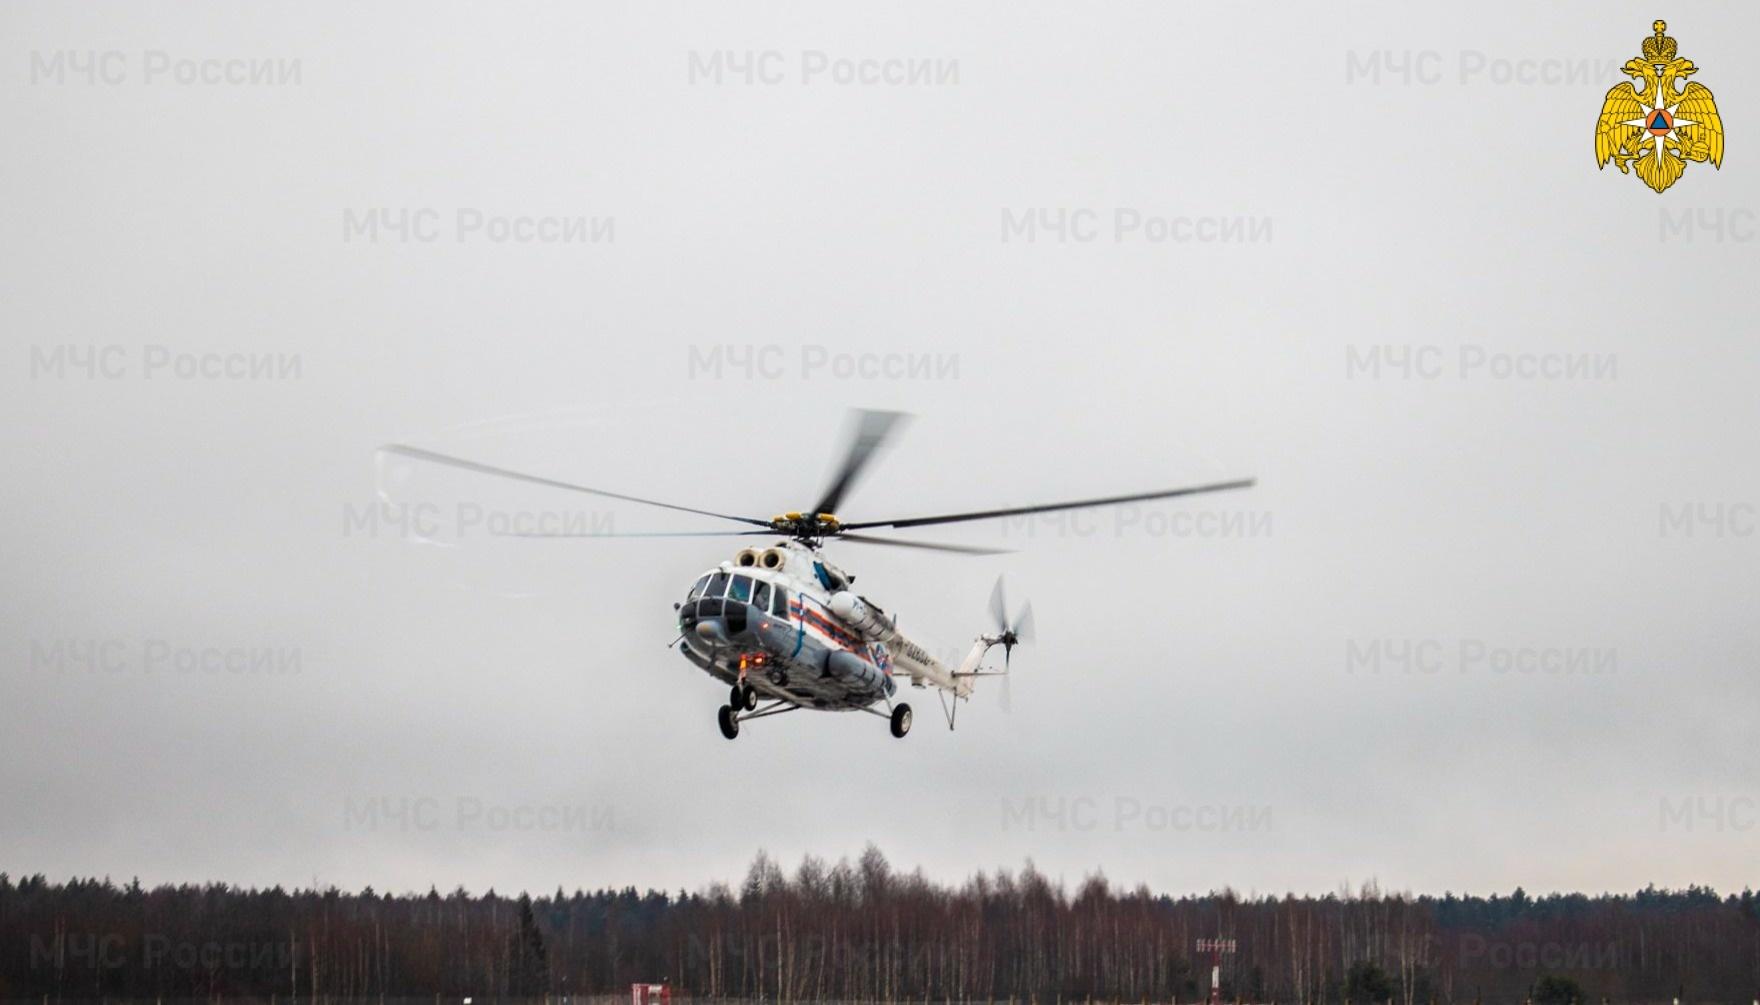 Вечером пациента в тяжелом состоянии доставили на вертолёте в Тверь